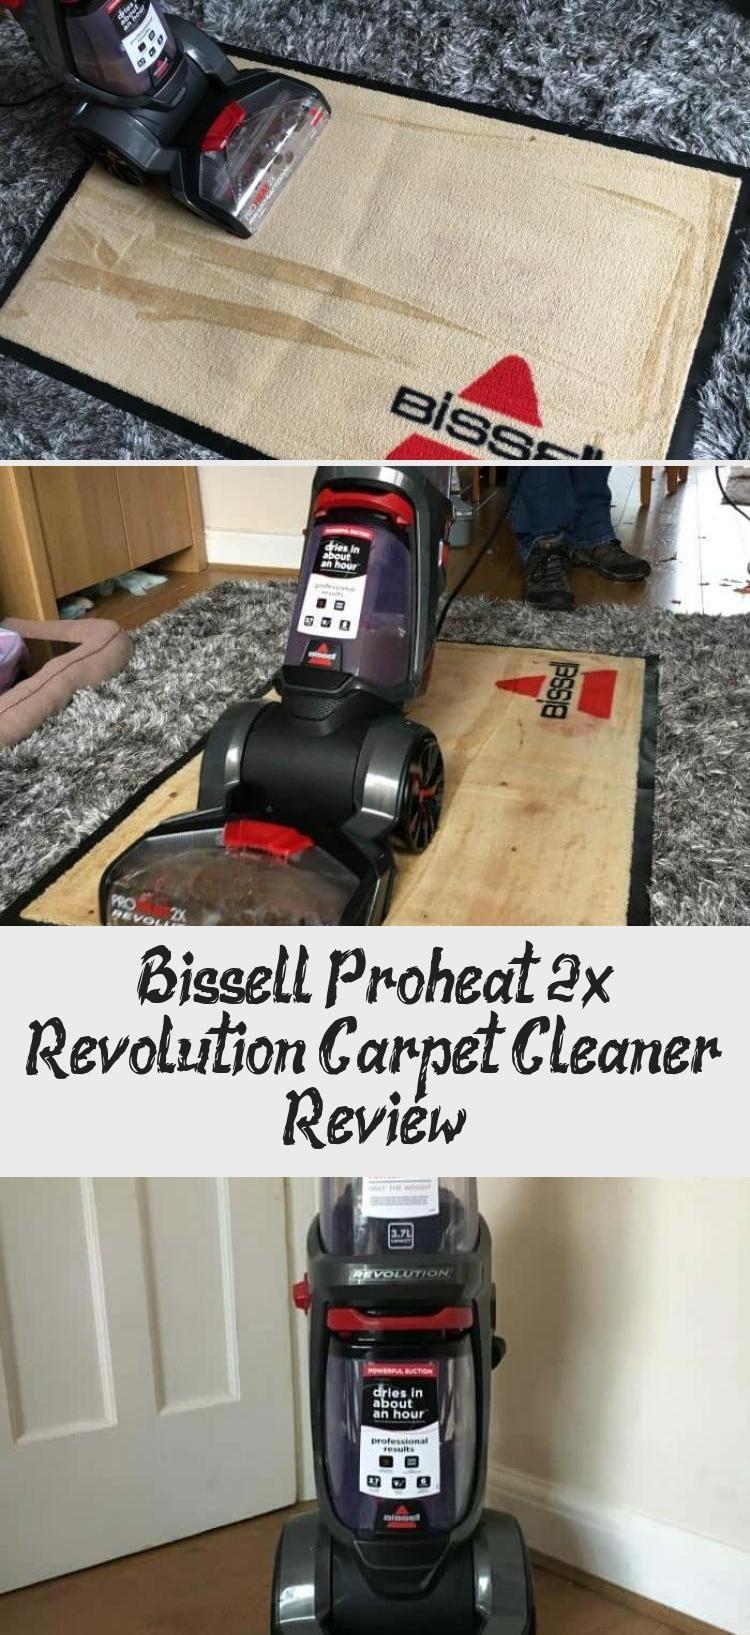 Bissell proheat 2x revolution teppichreiniger bewertung